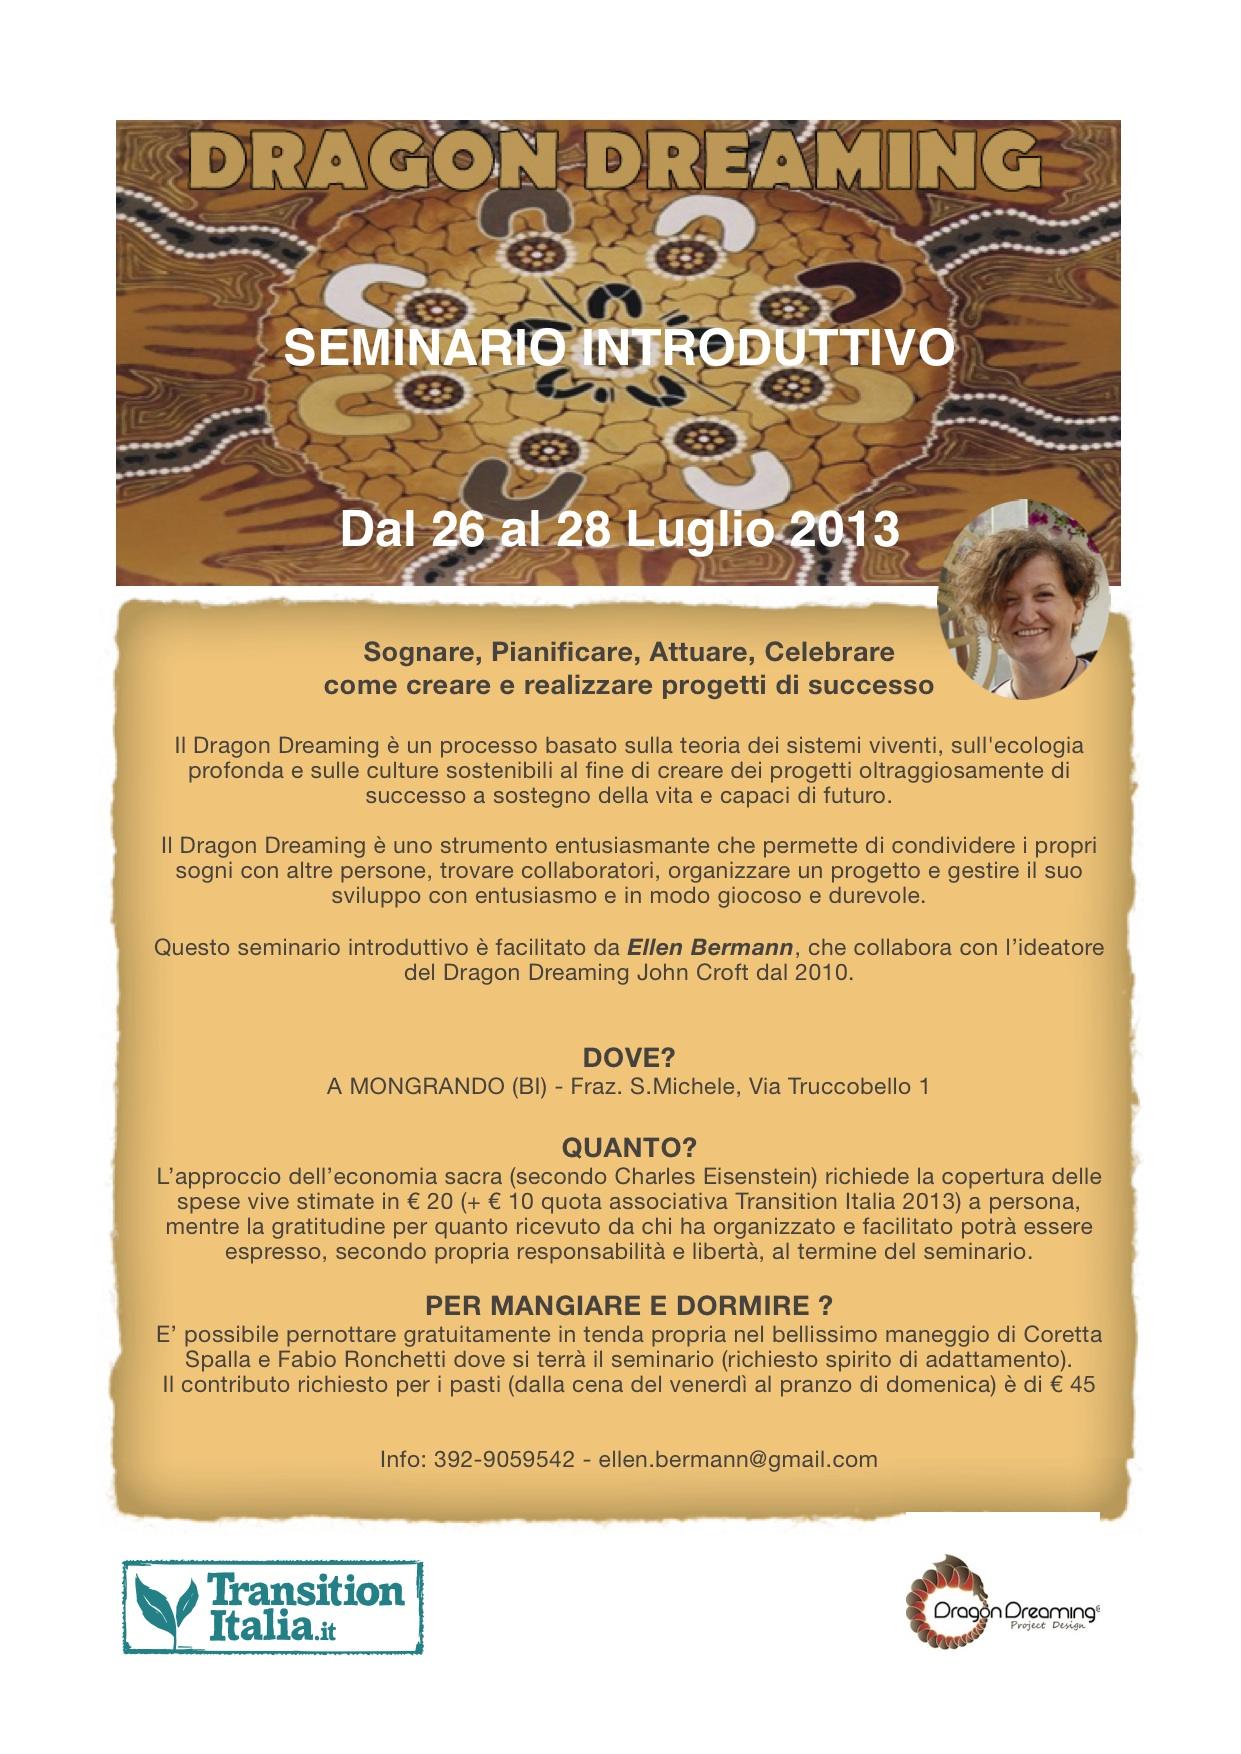 Introduzione al DD 26-28 luglio 2013